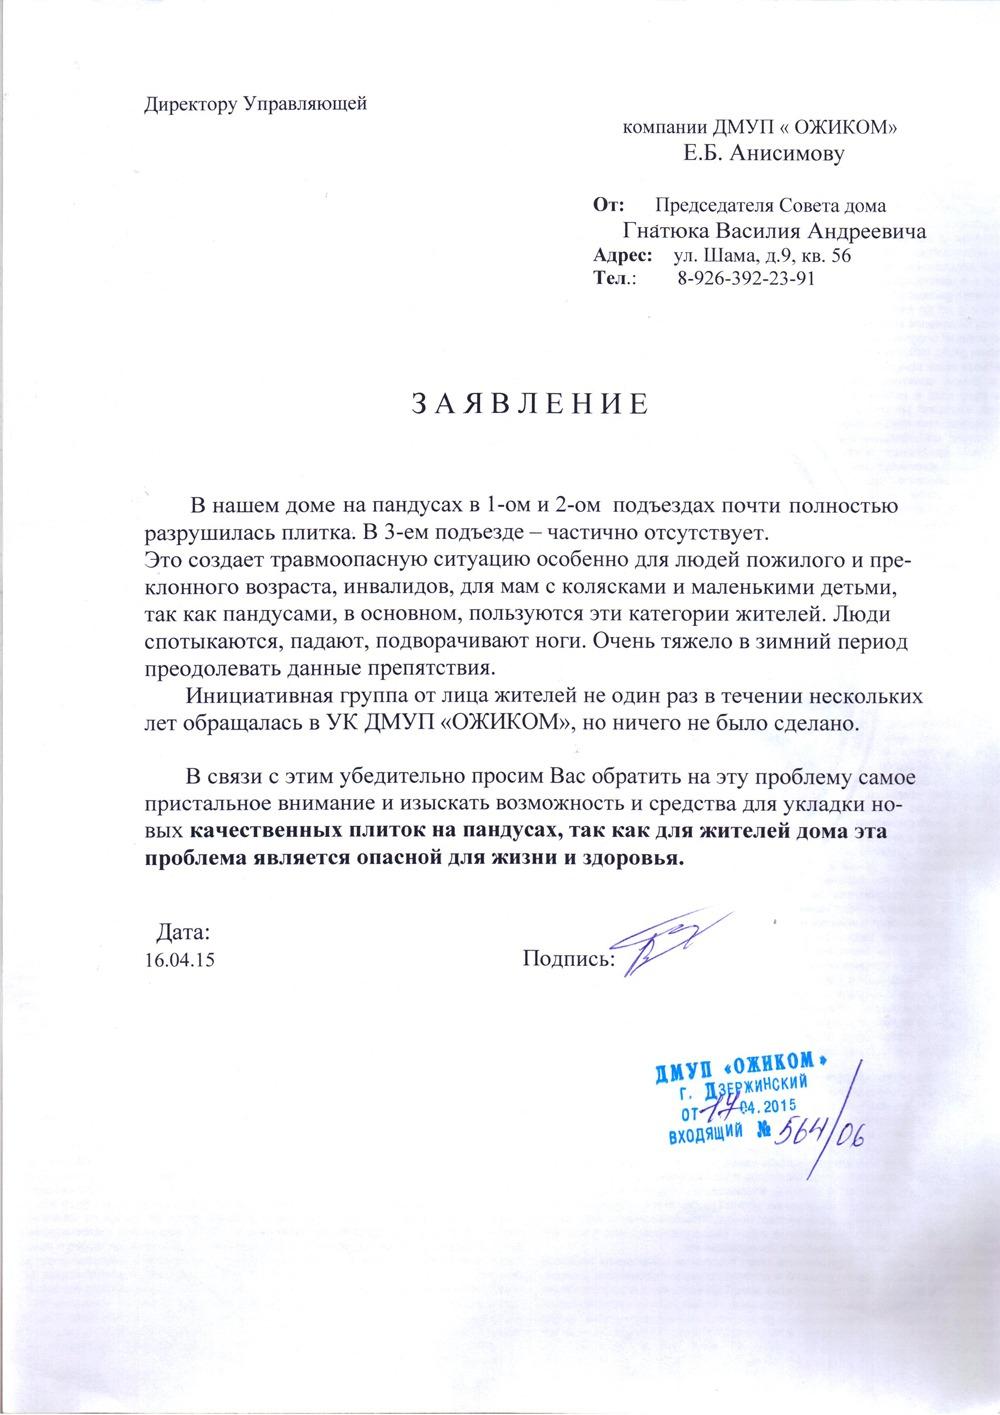 Заявление Совета дома о ремонте пандусов